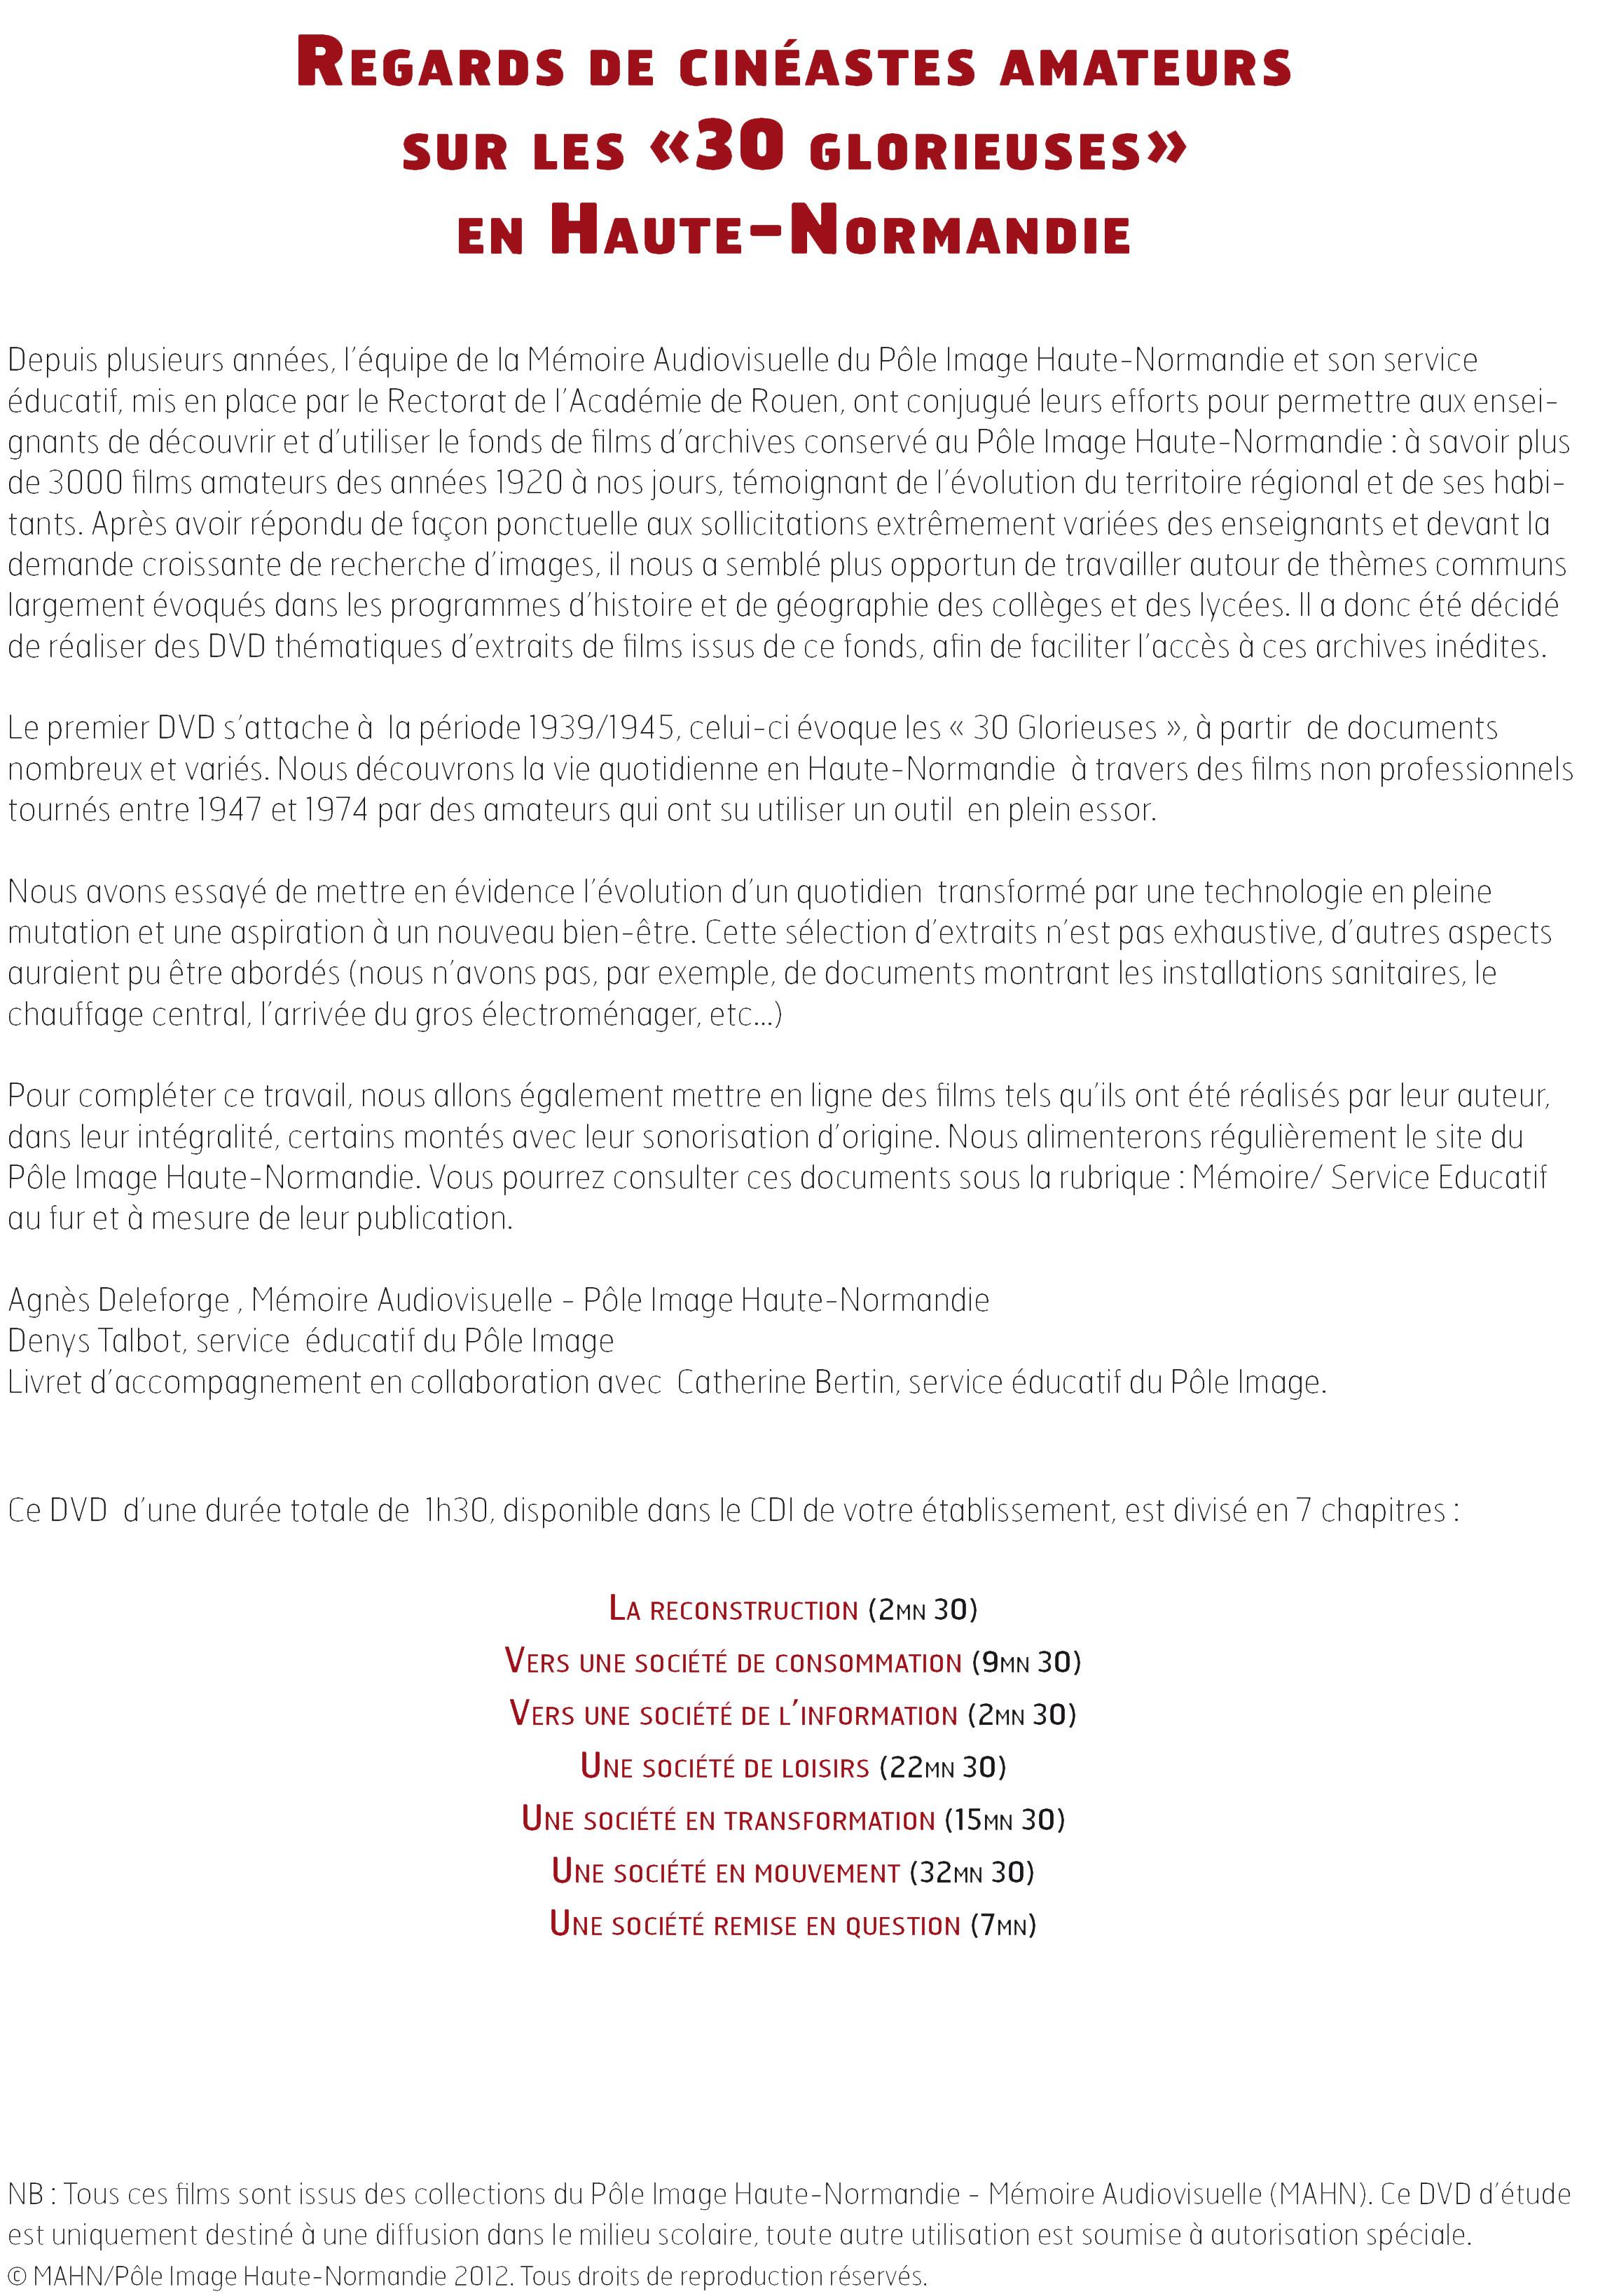 Regards de cinéastes amateurs sur les «30 glorieuses» en Haute-Normandie